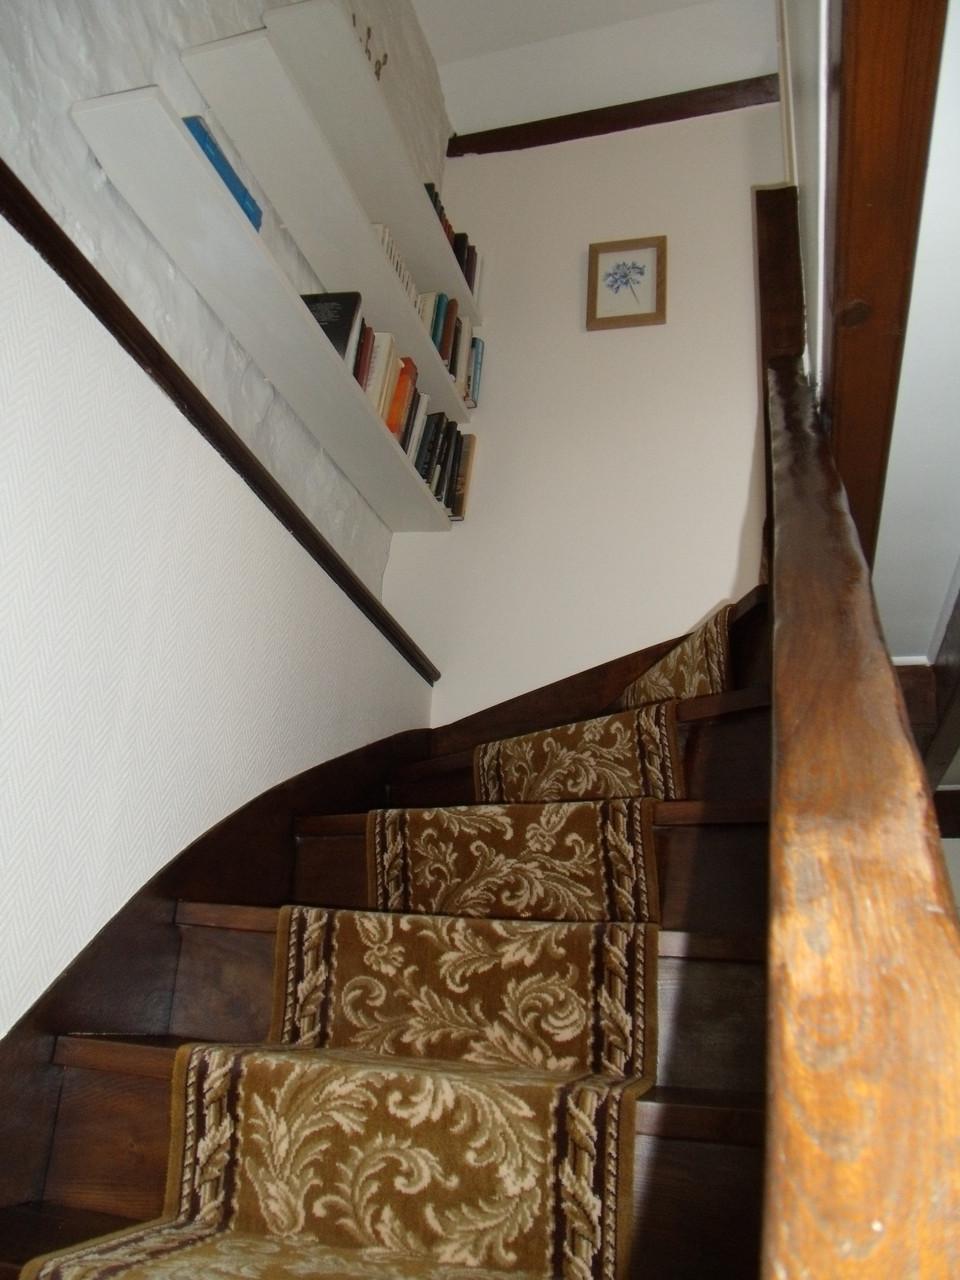 Escalier pour accès au 2ème étage